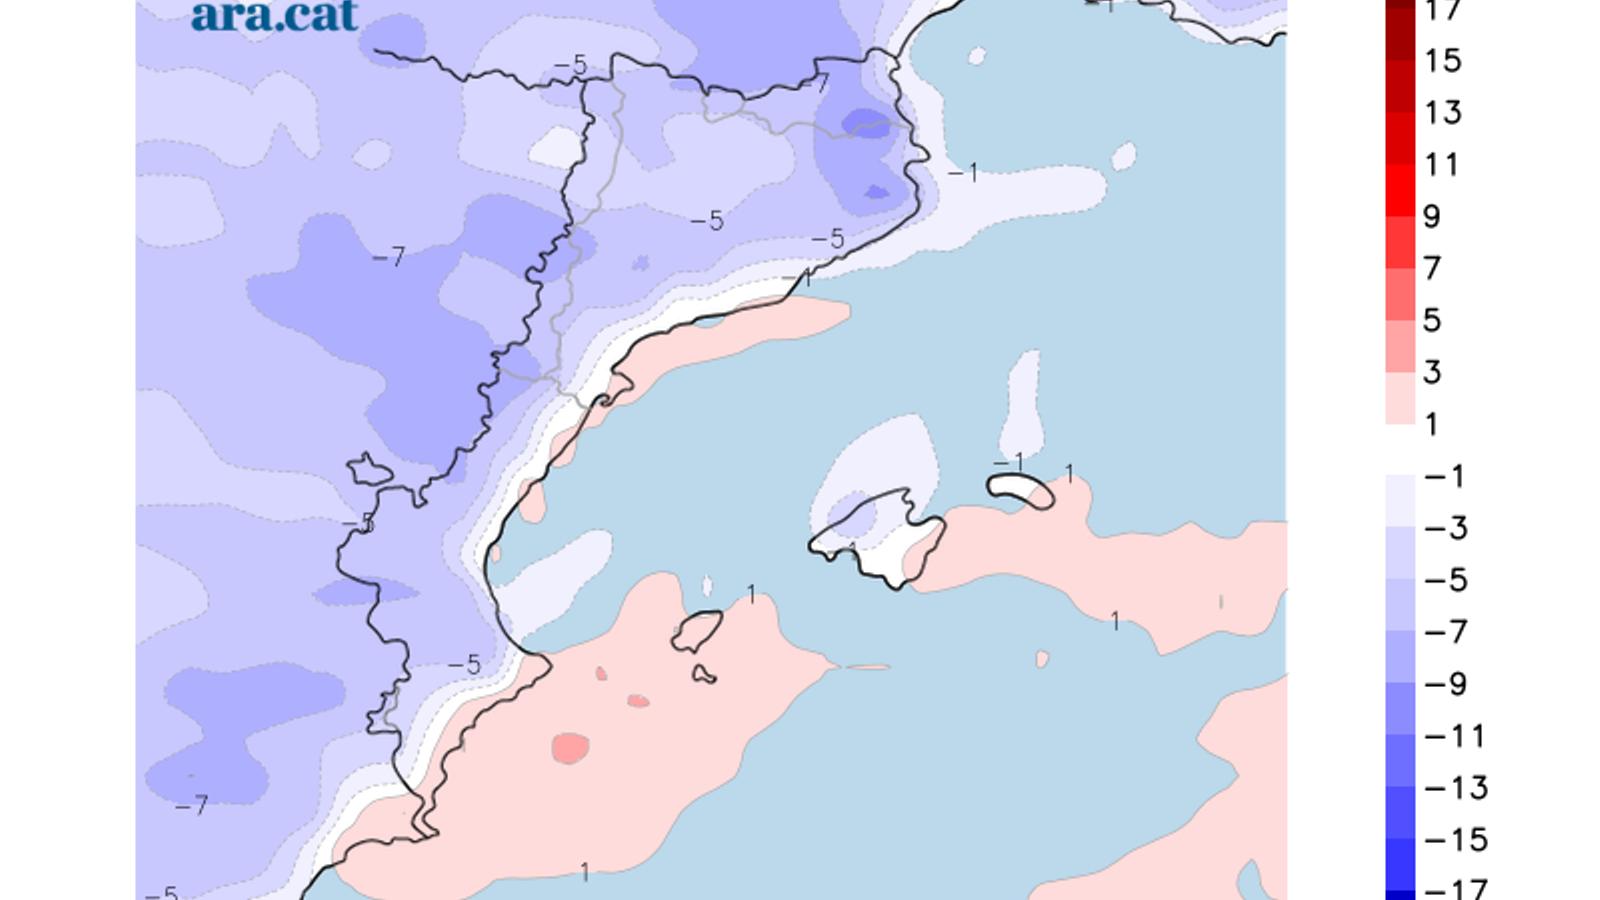 Diferència prevista entre la temperatura màxima d'avui i la de demà